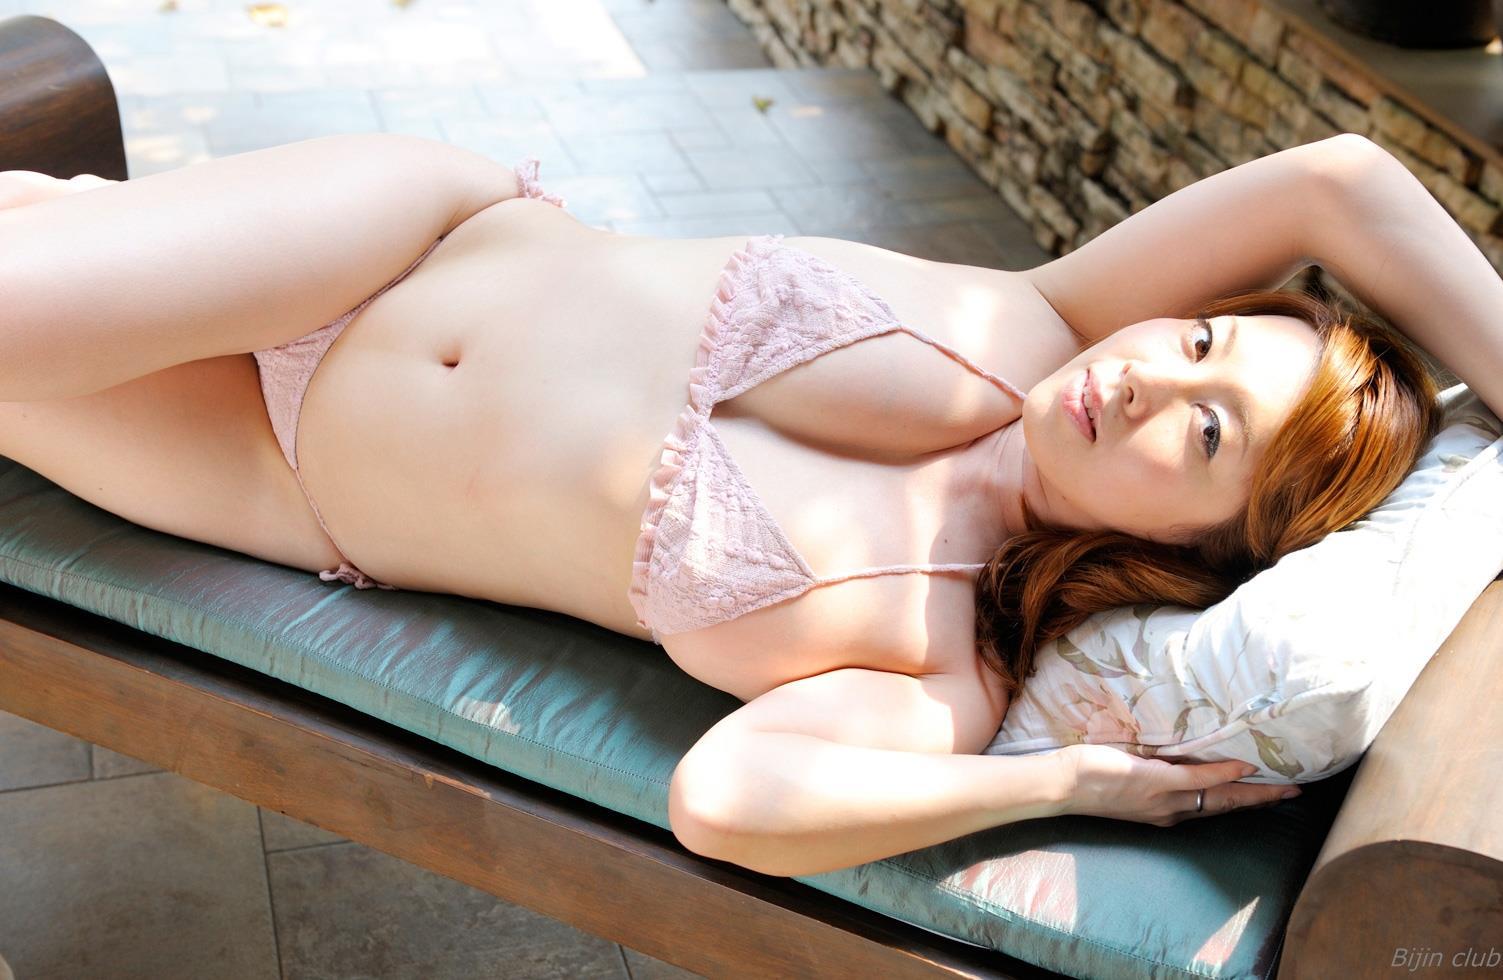 風間ゆみ Gカップ 美熟女性欲絶倫本気セックスなAV女優画像 140枚 No.92